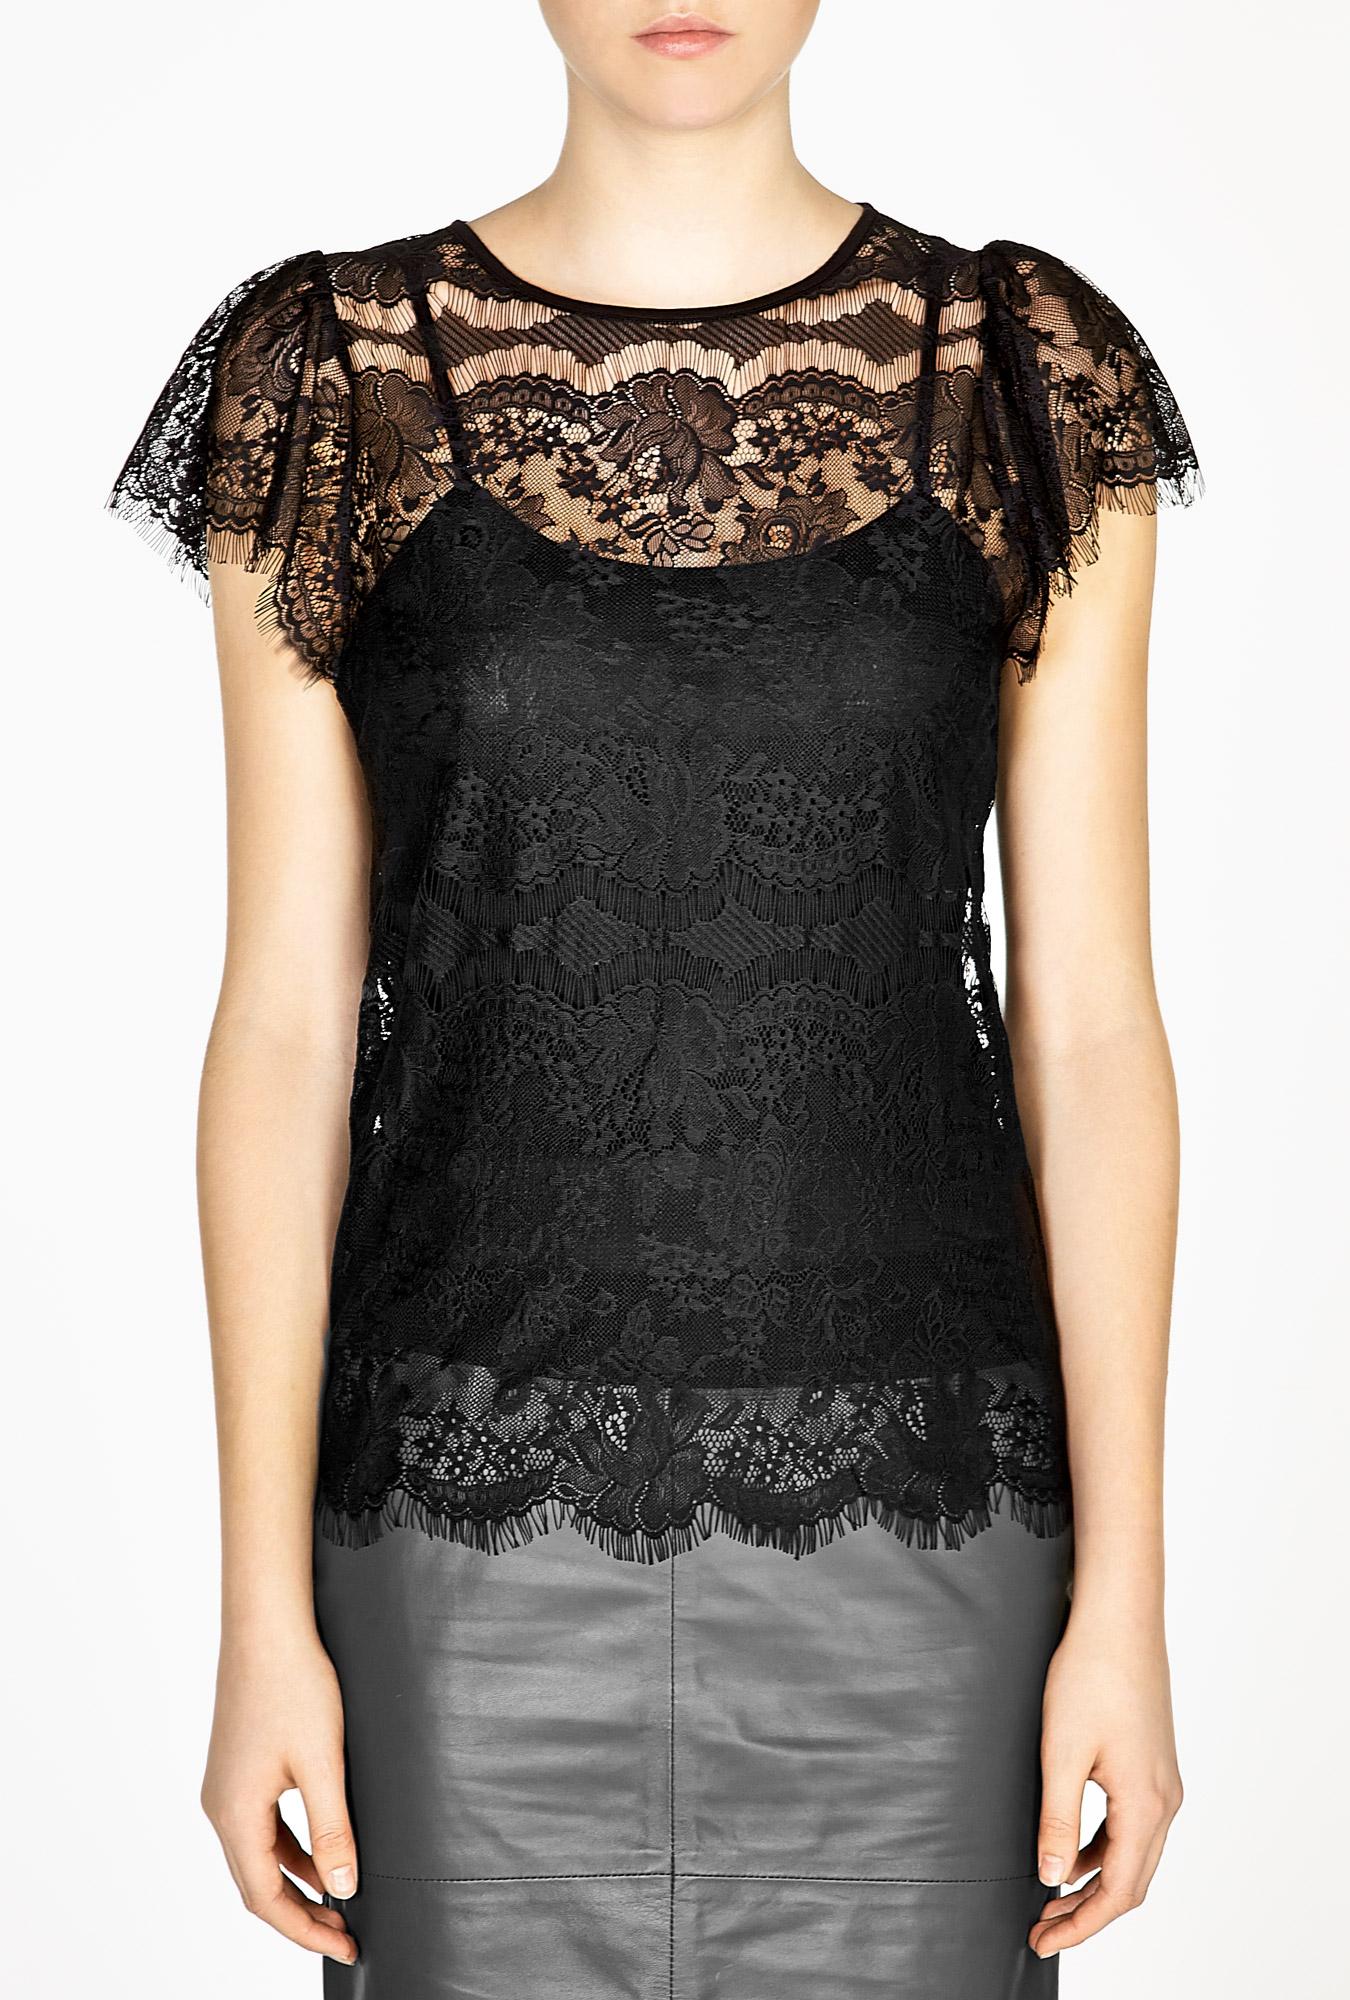 day birger et mikkelsen night twilight lace top in black. Black Bedroom Furniture Sets. Home Design Ideas